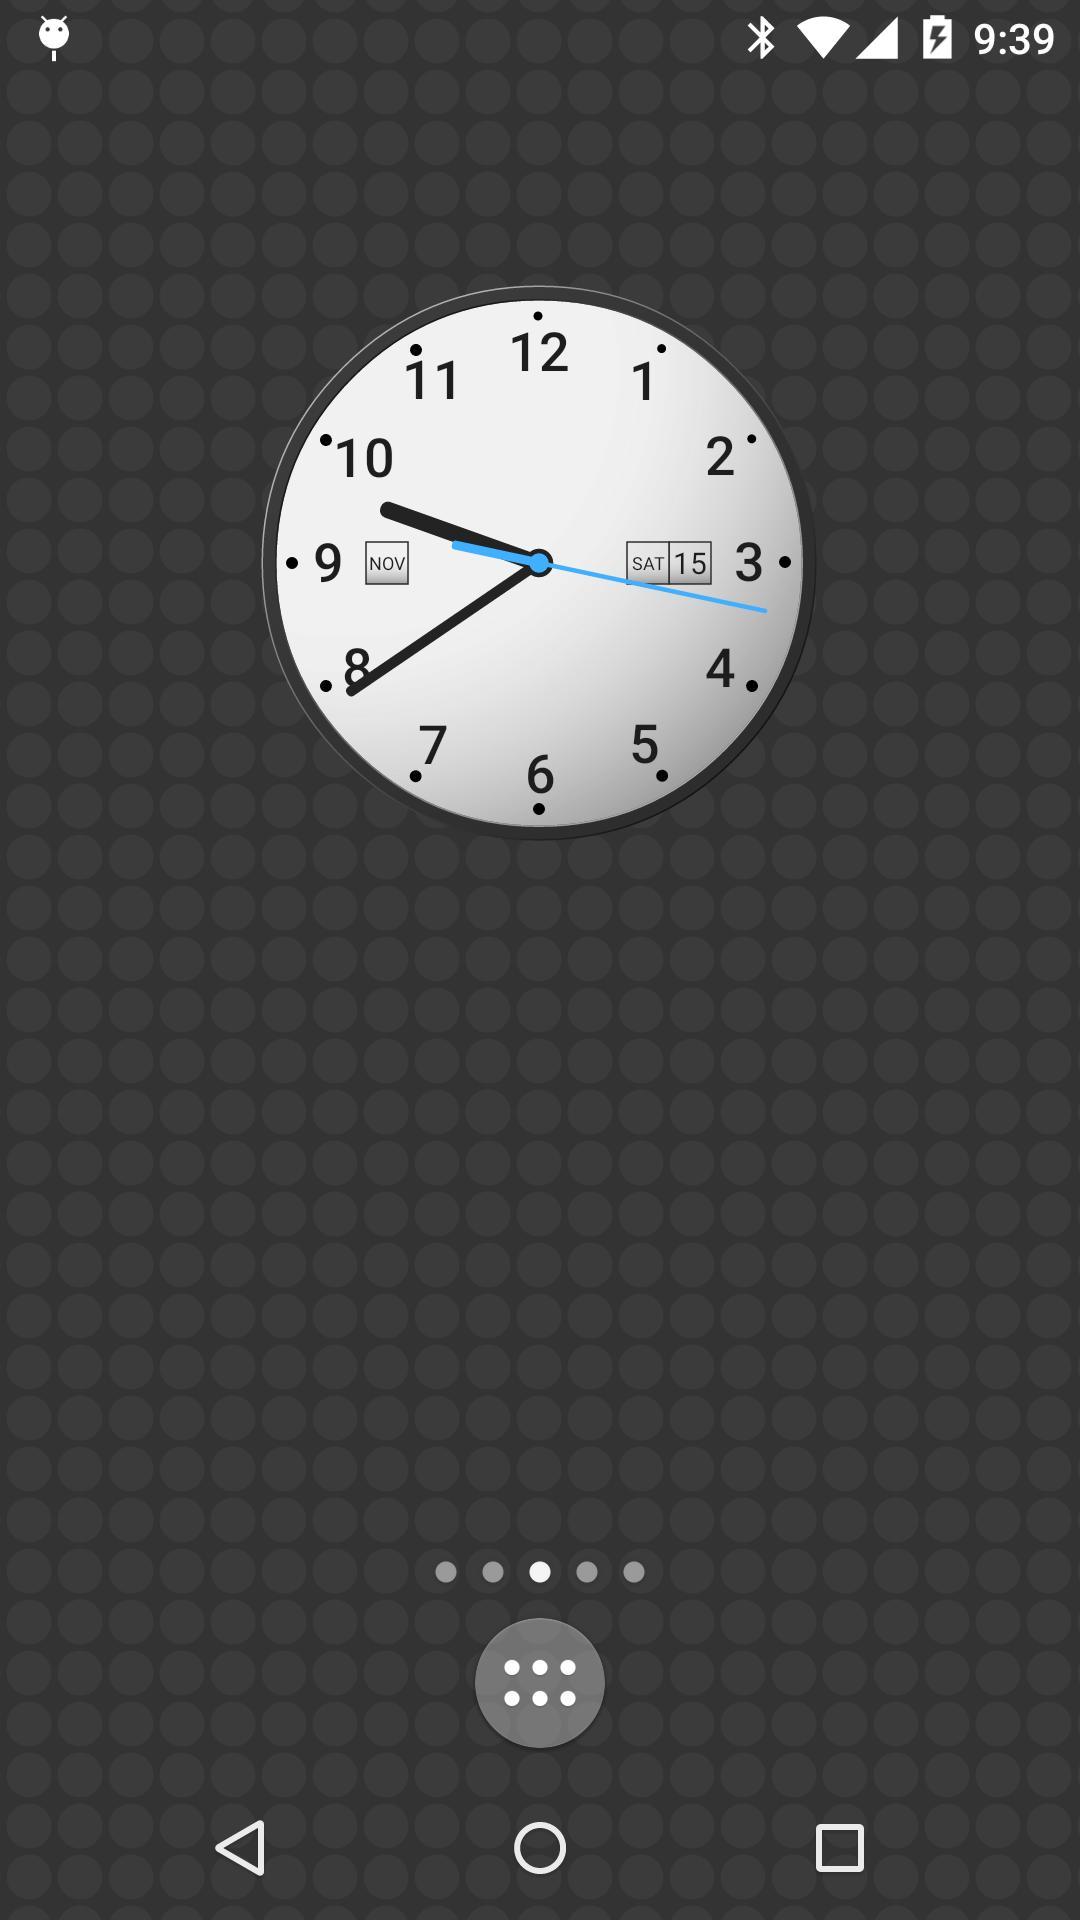 KLWP Live Wallpaper Maker 3.43b931910 Screenshot 1